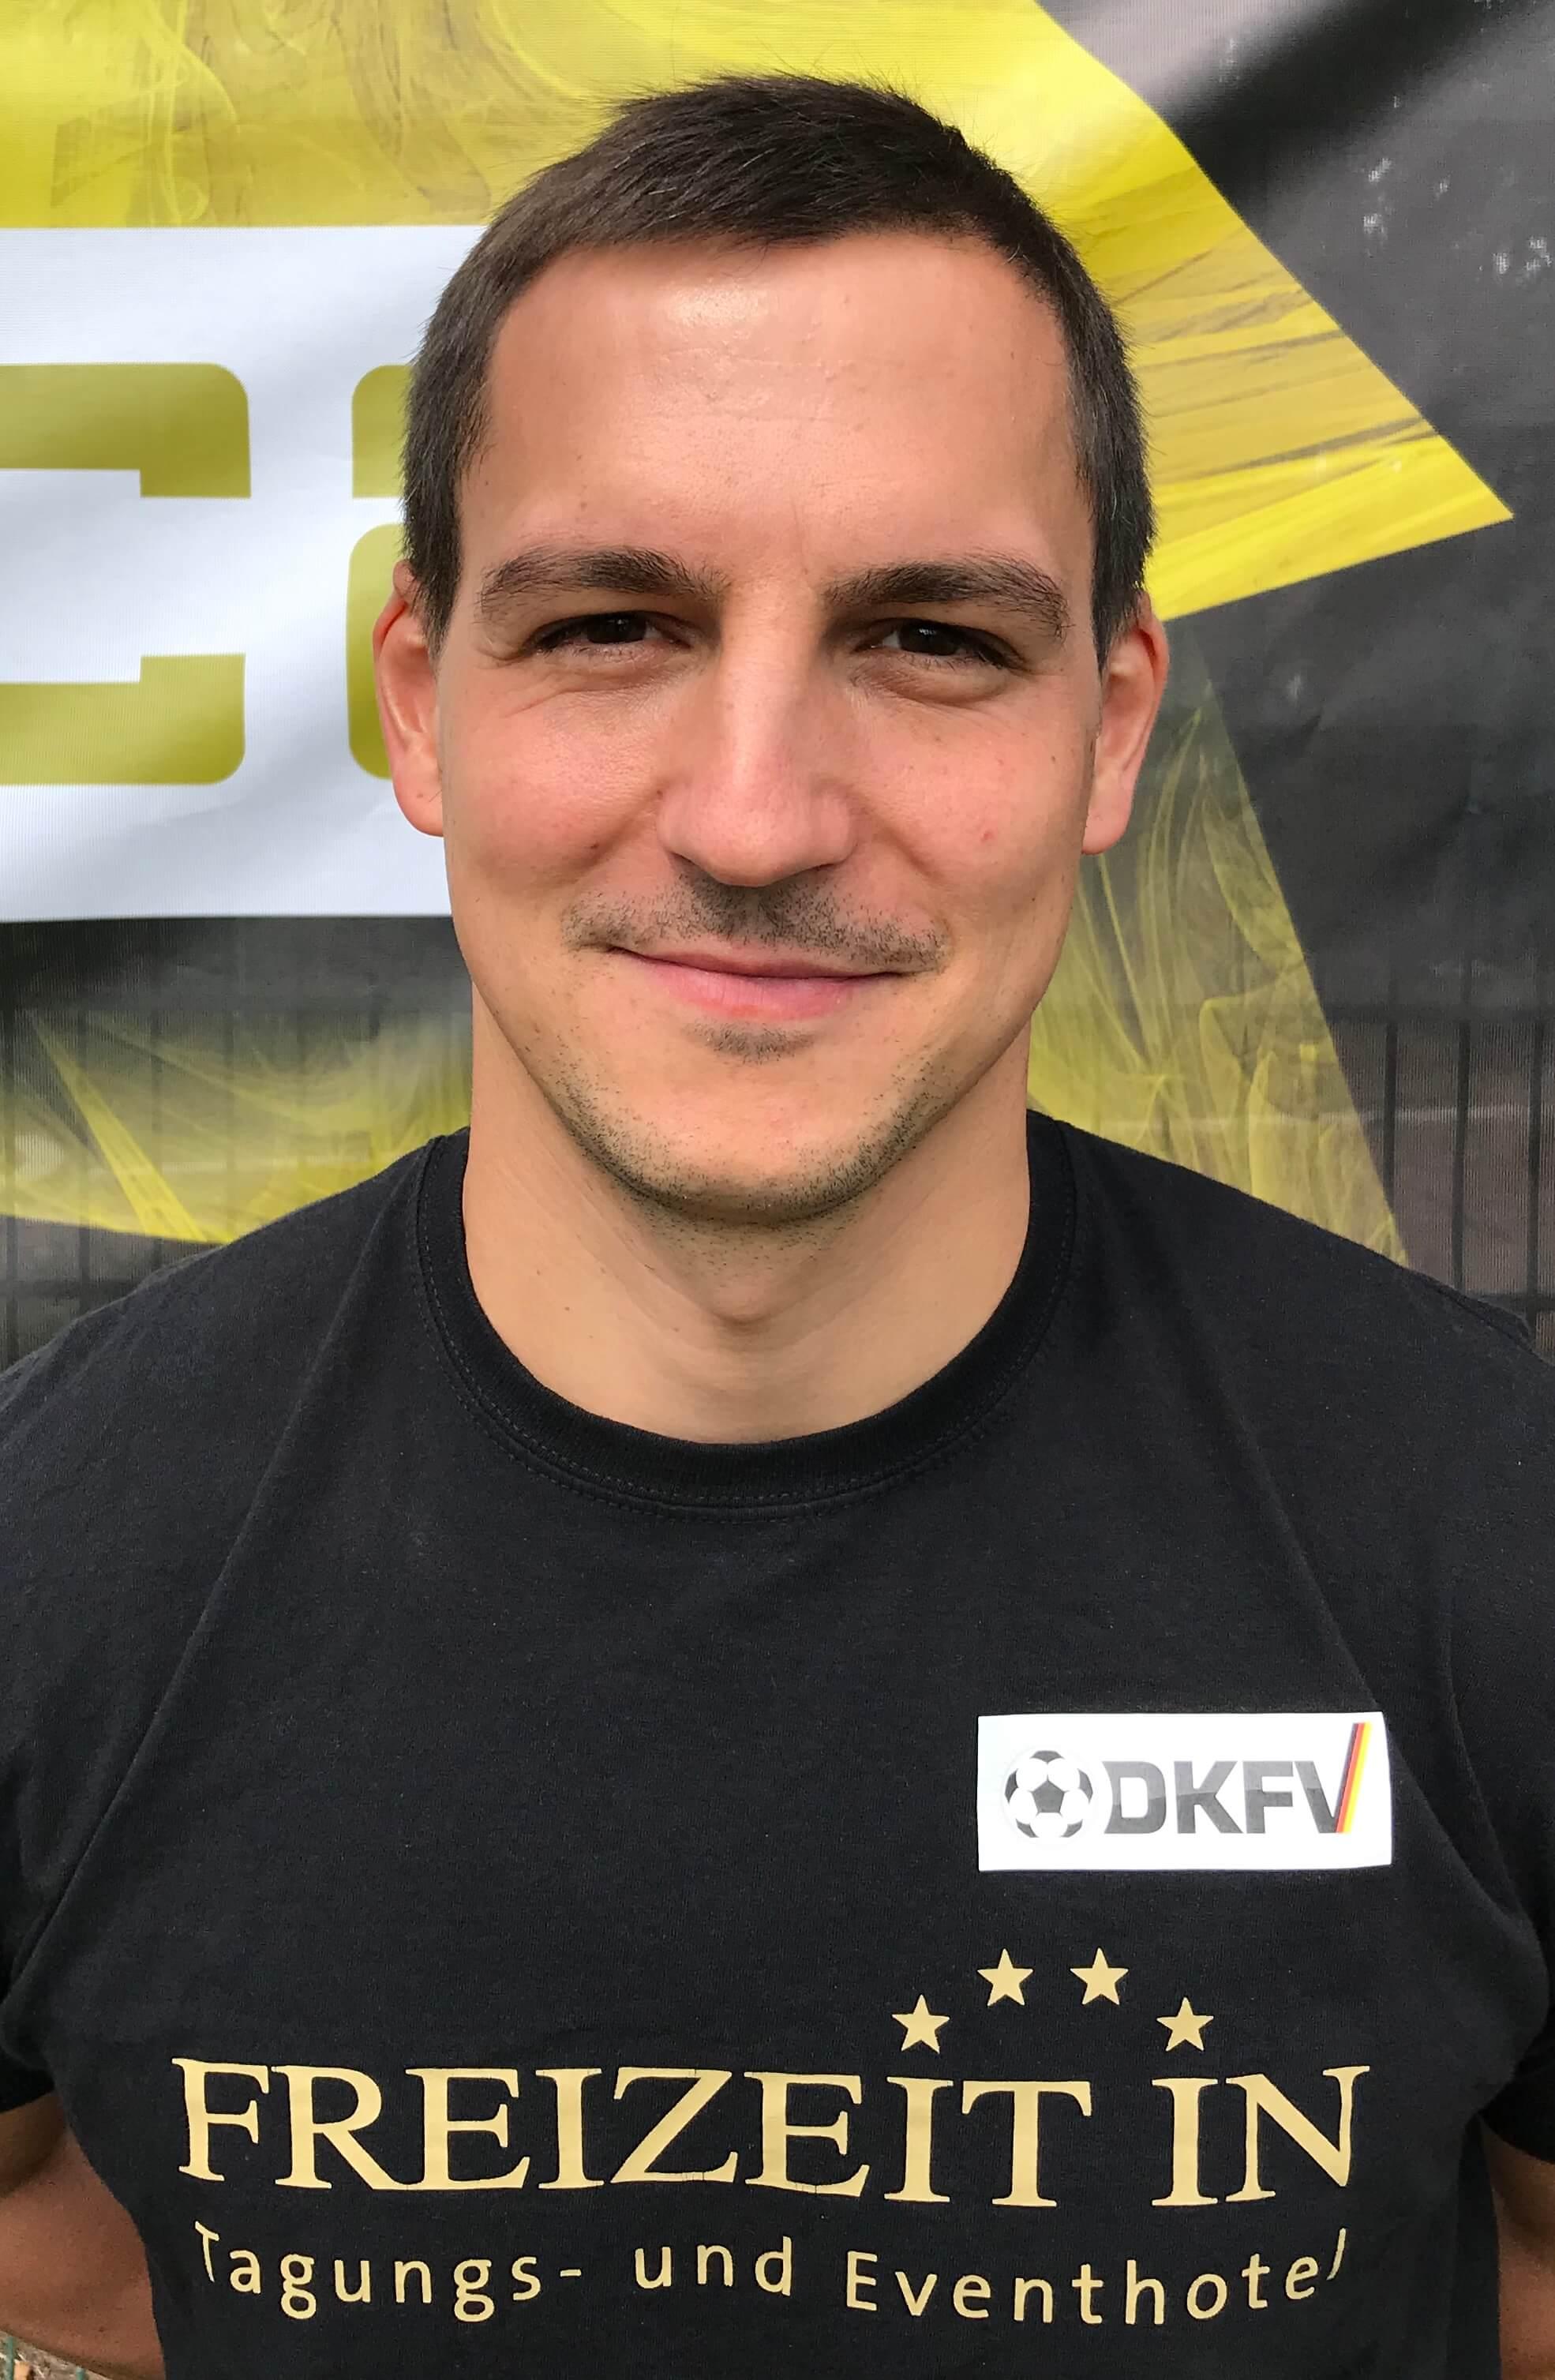 Malte Fröhlich